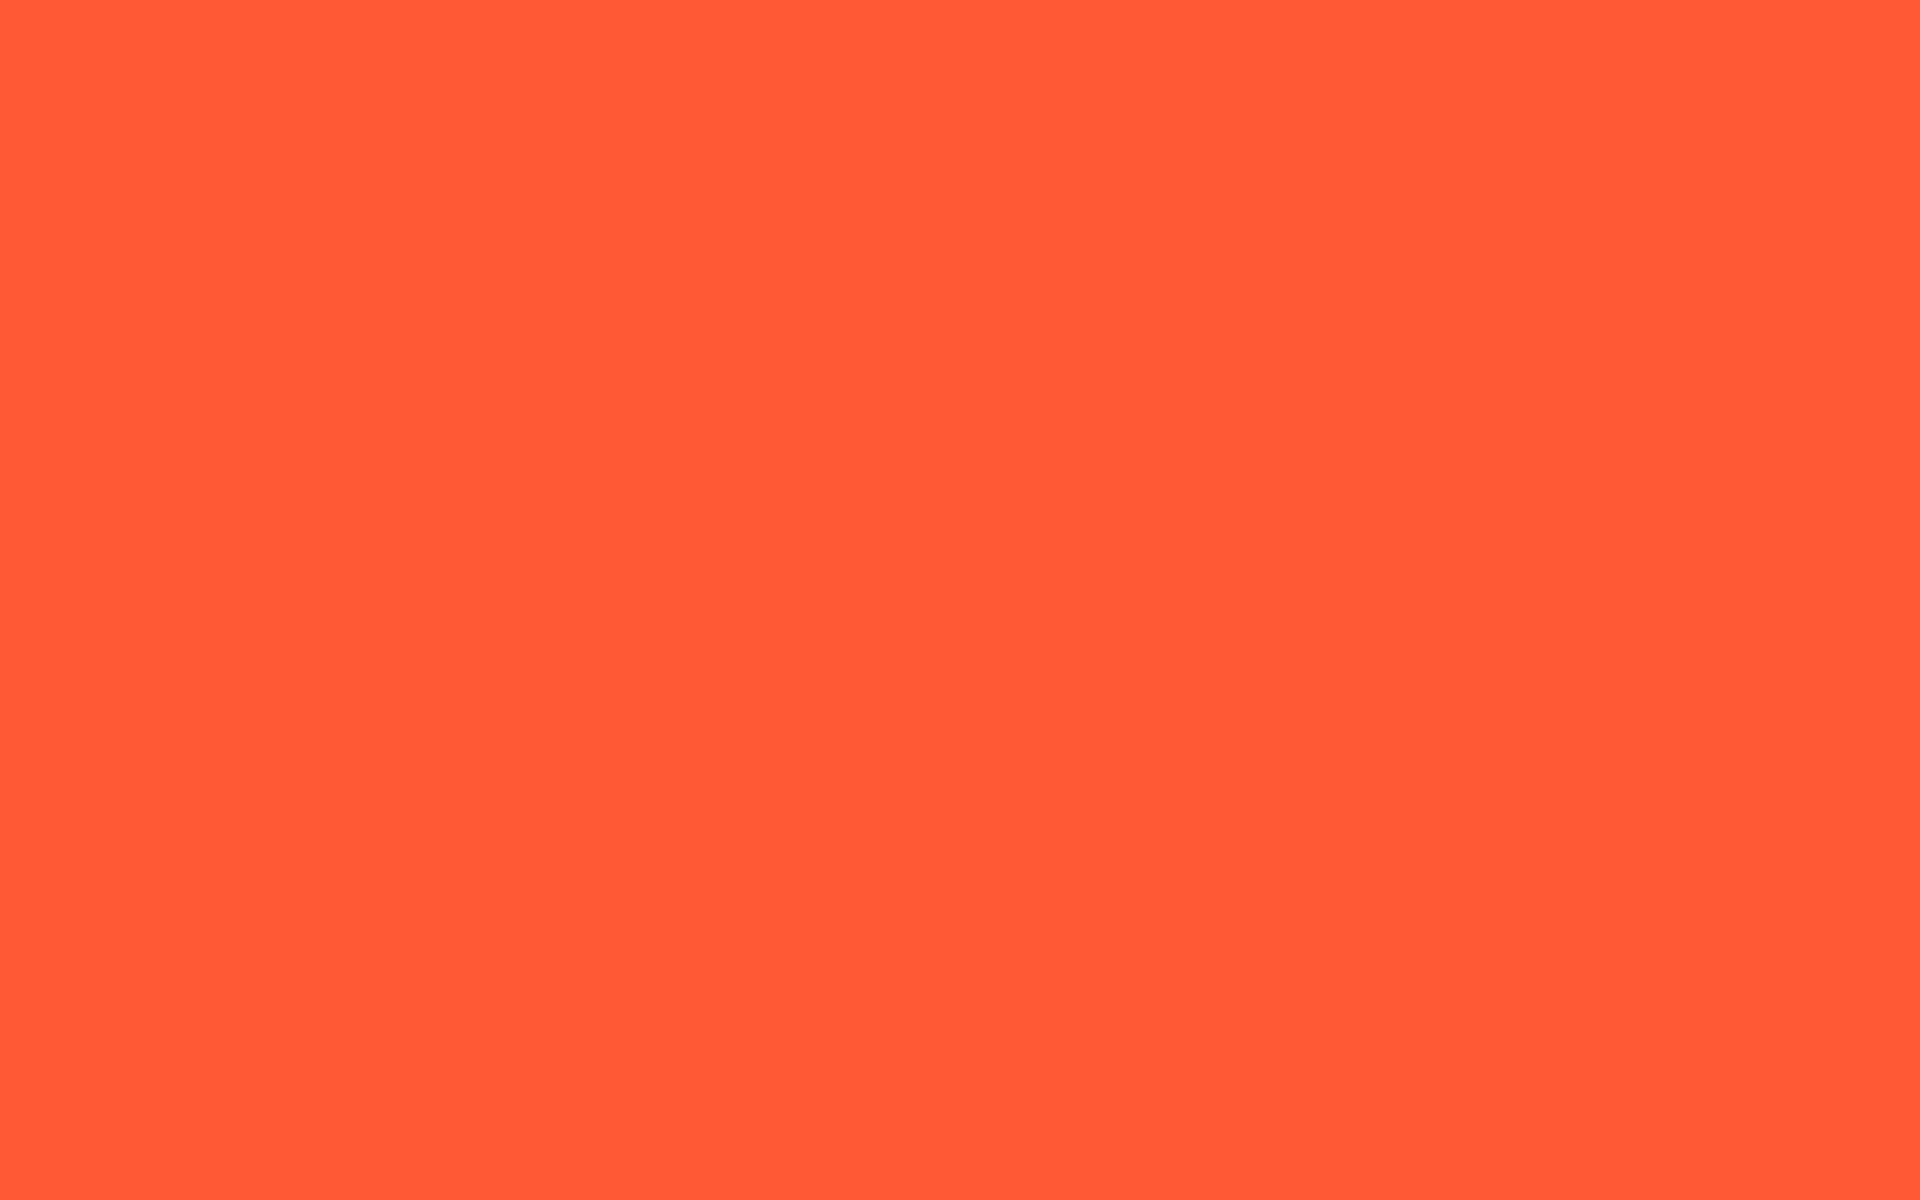 1920x1200 Portland Orange Solid Color Background